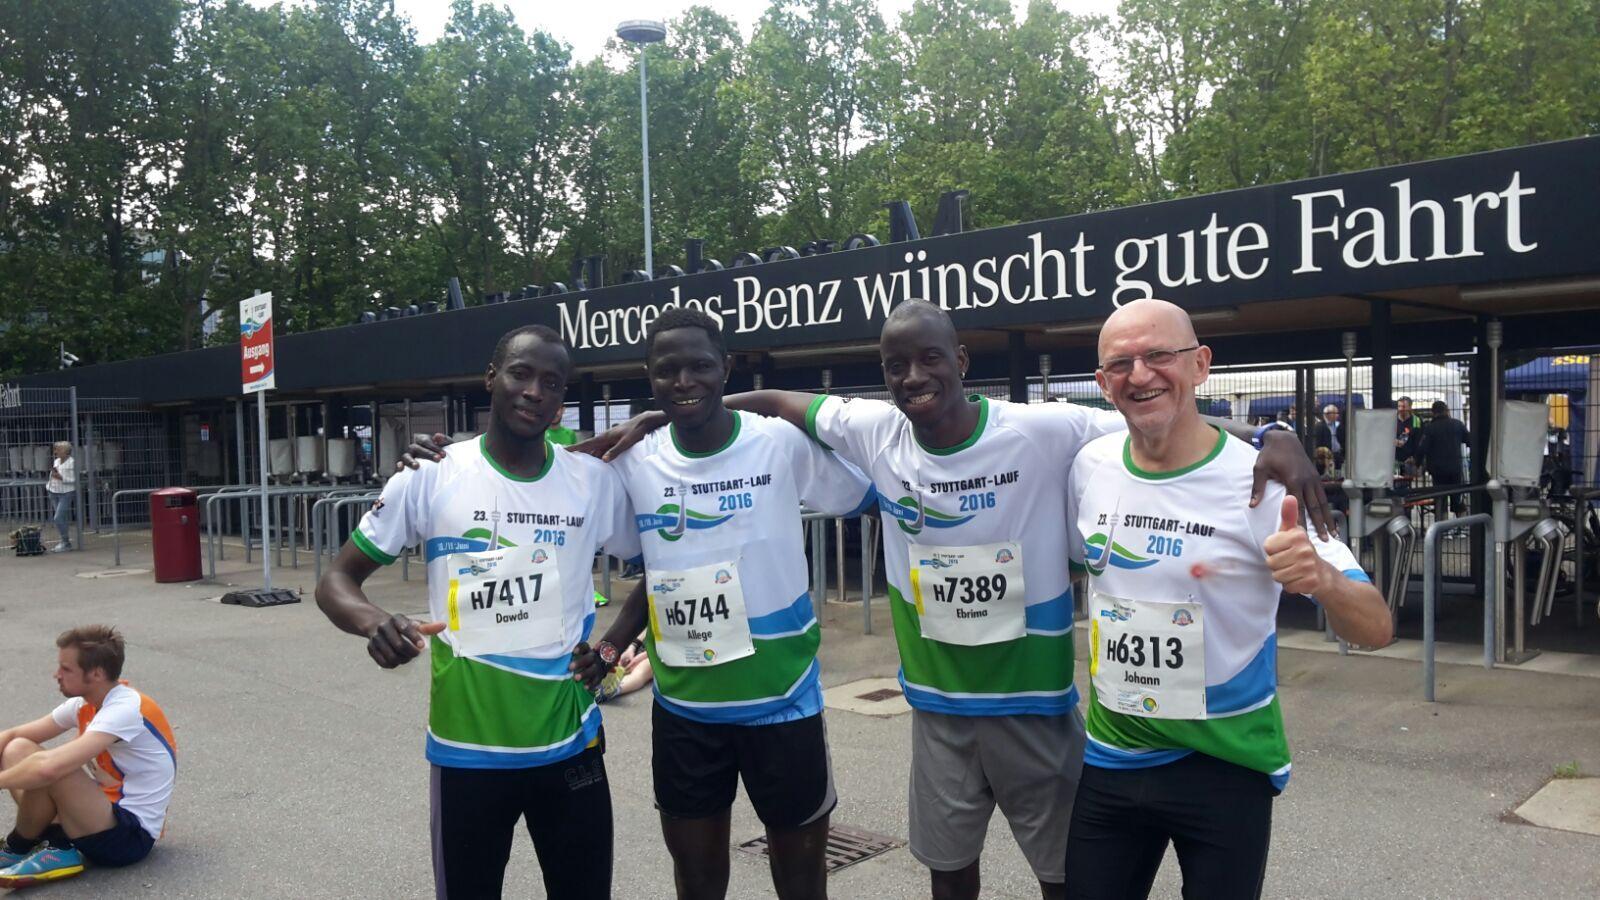 Flüchtlinge beim Stuttgart Lauf